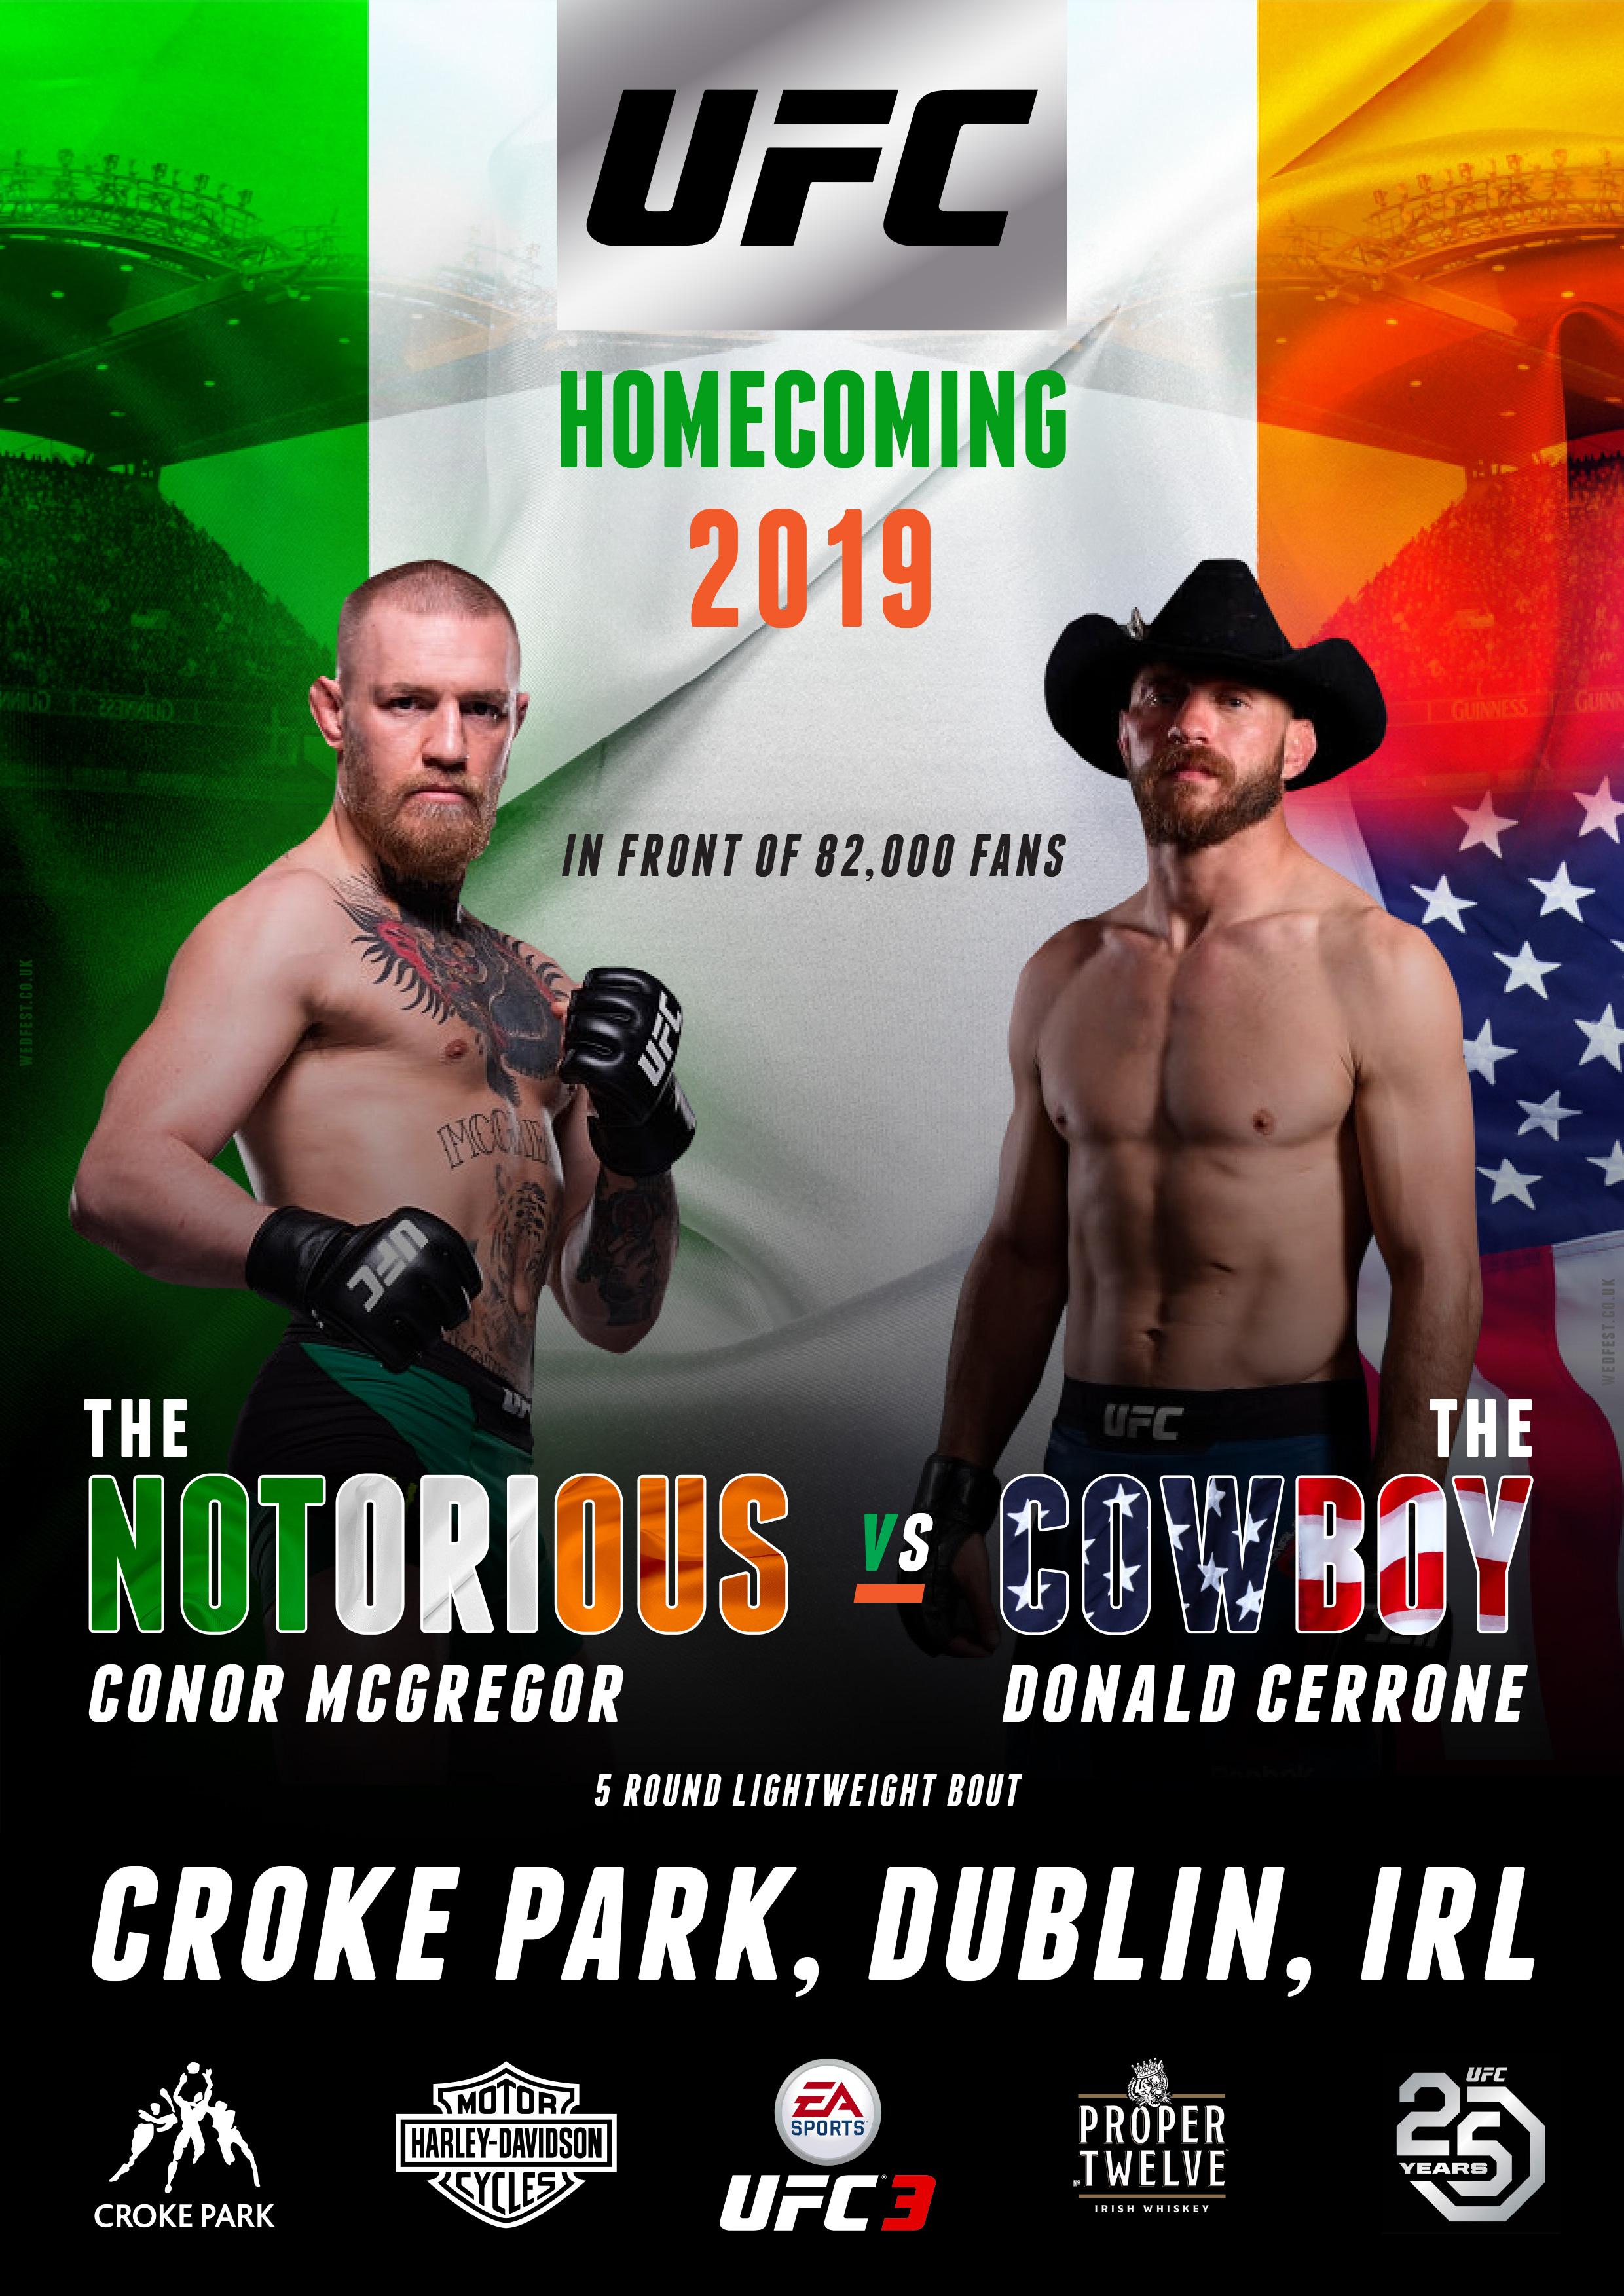 ufc notorious conor mcgregor Vs cowboy donald cerrone croke park dublin ireland